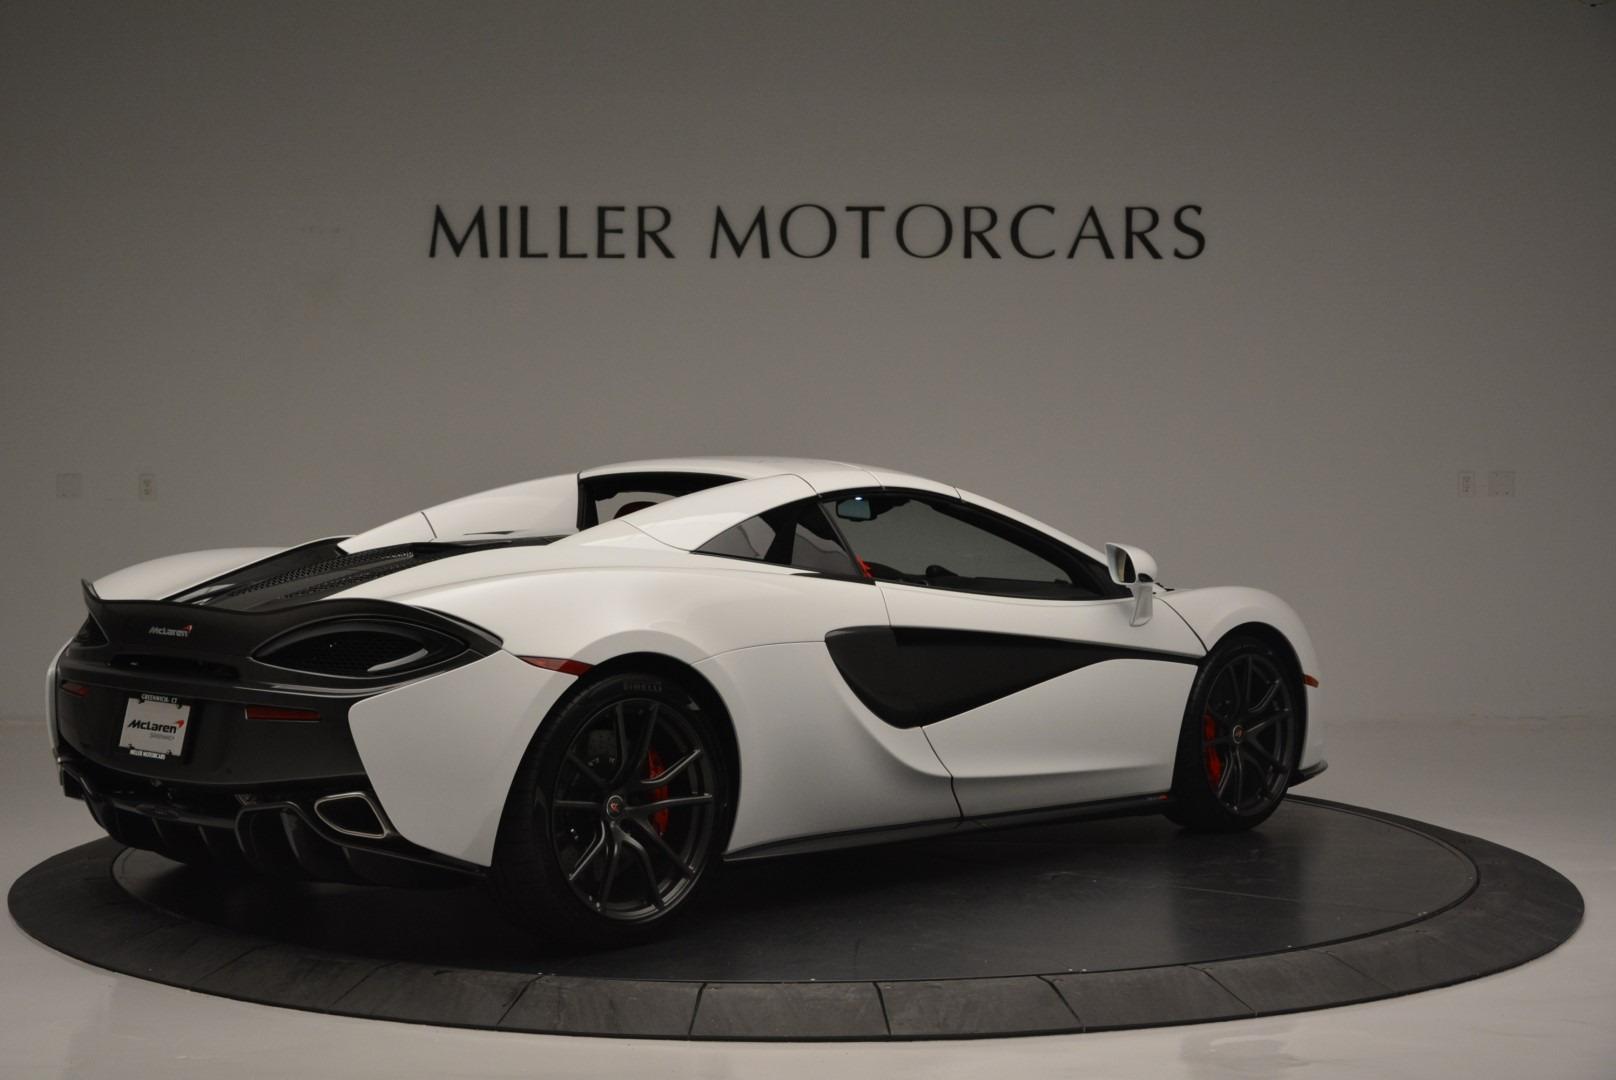 Used 2018 McLaren 570S Spider For Sale In Westport, CT 2341_p18